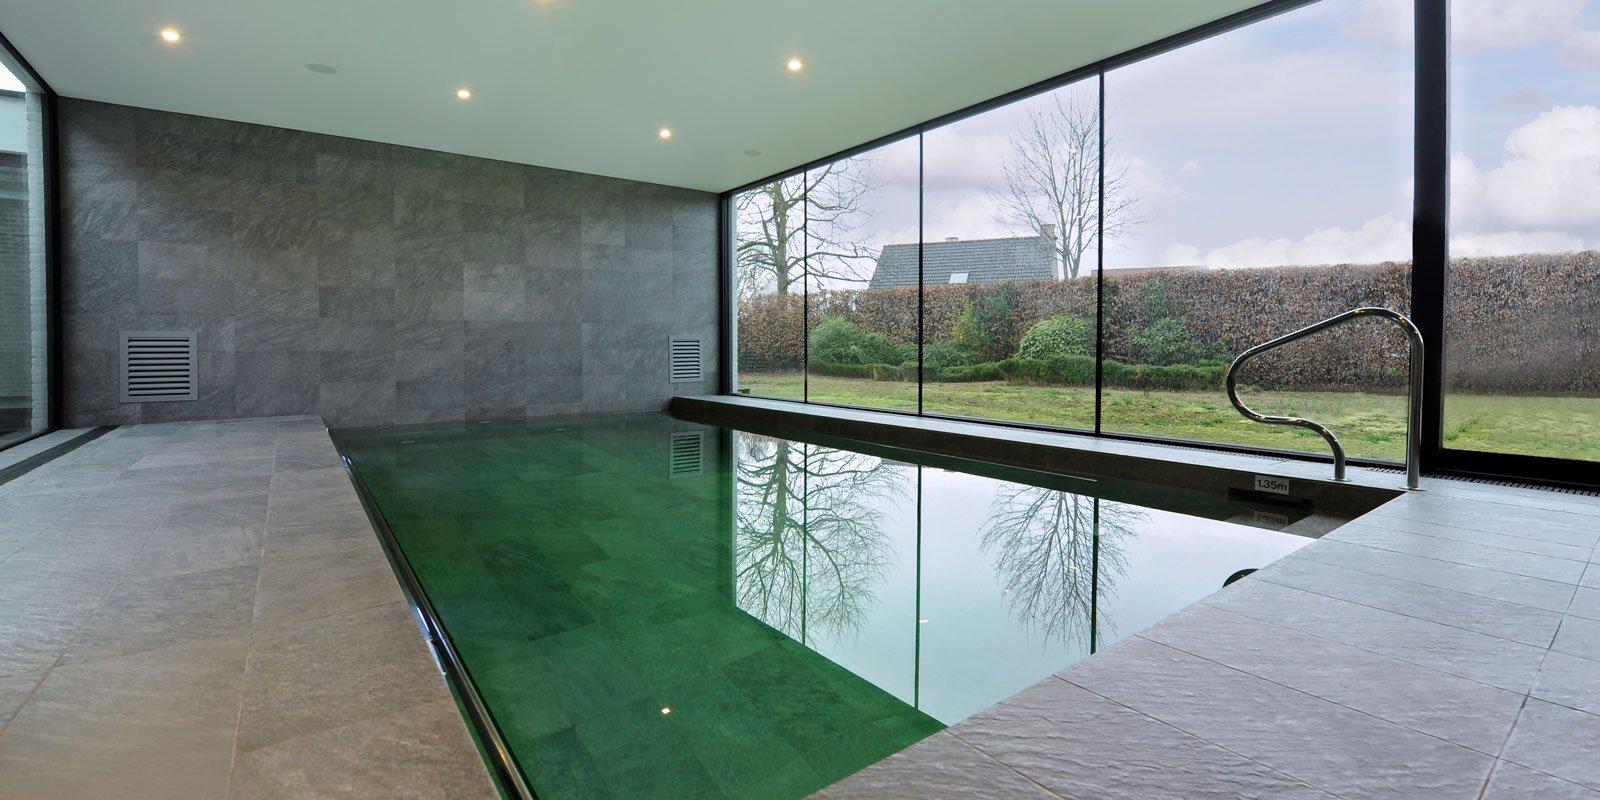 Zwembad | Michiel van Raemdonck